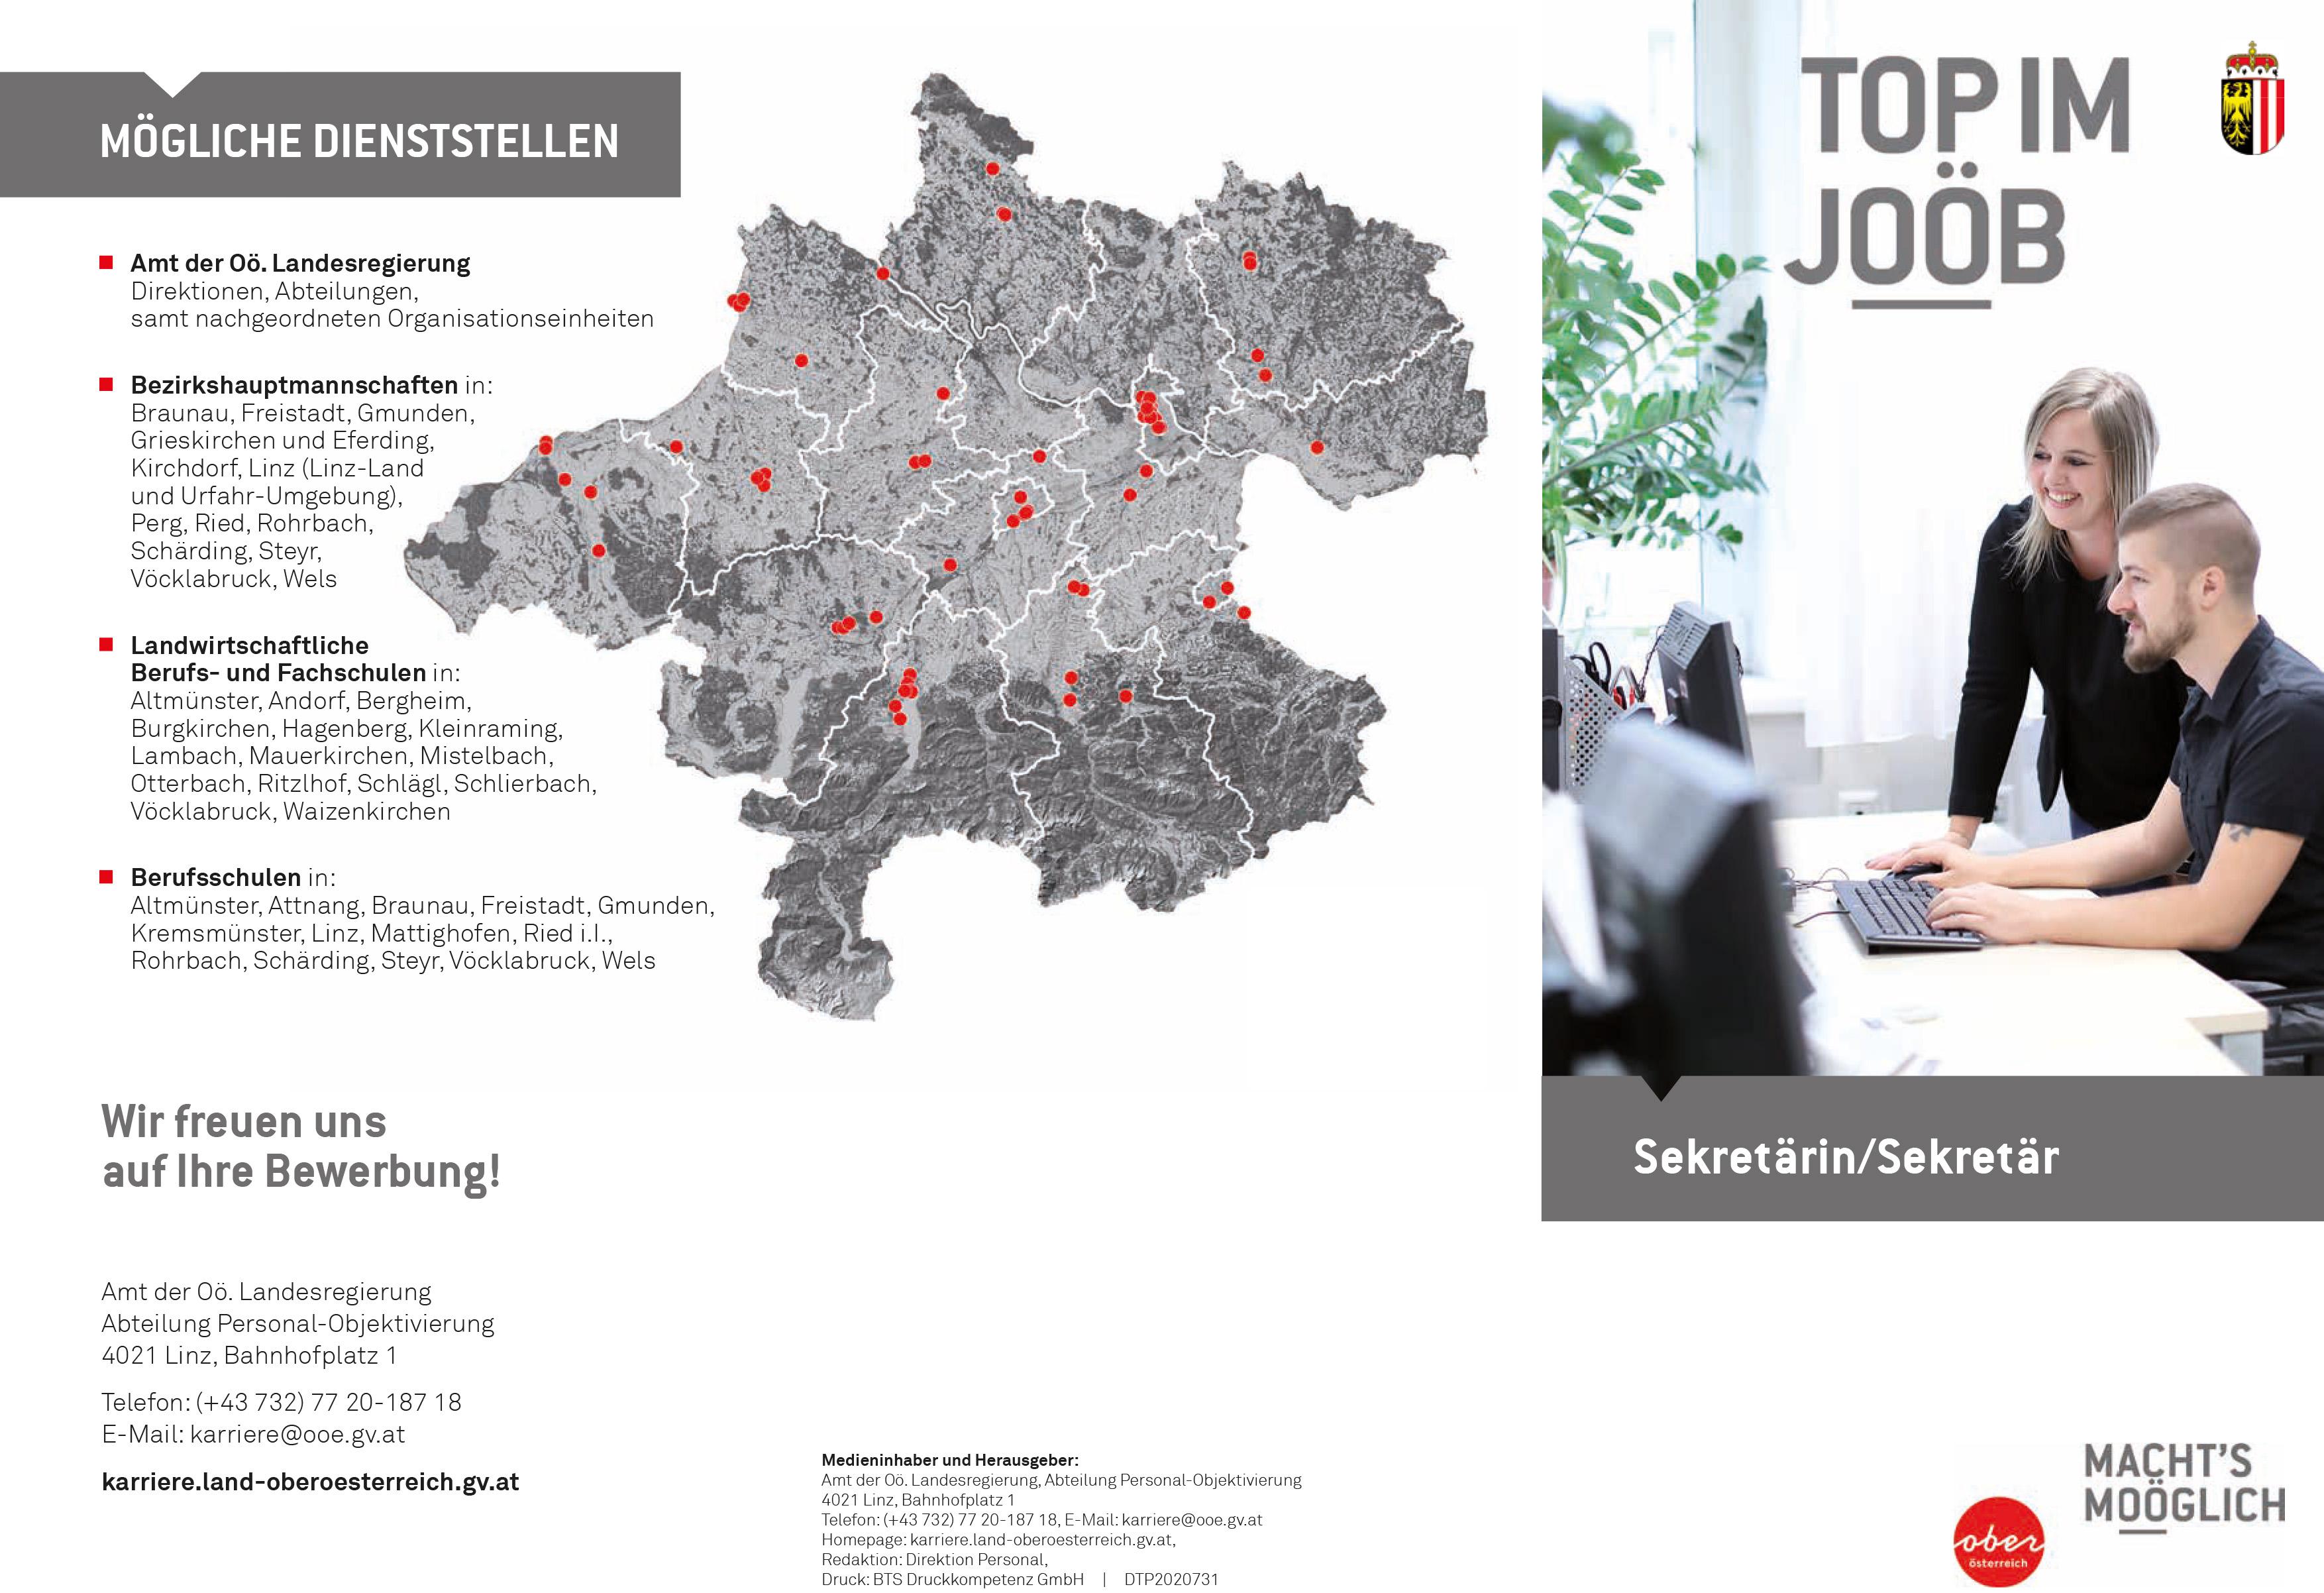 Top im Job - Sekretärin/Sekretär